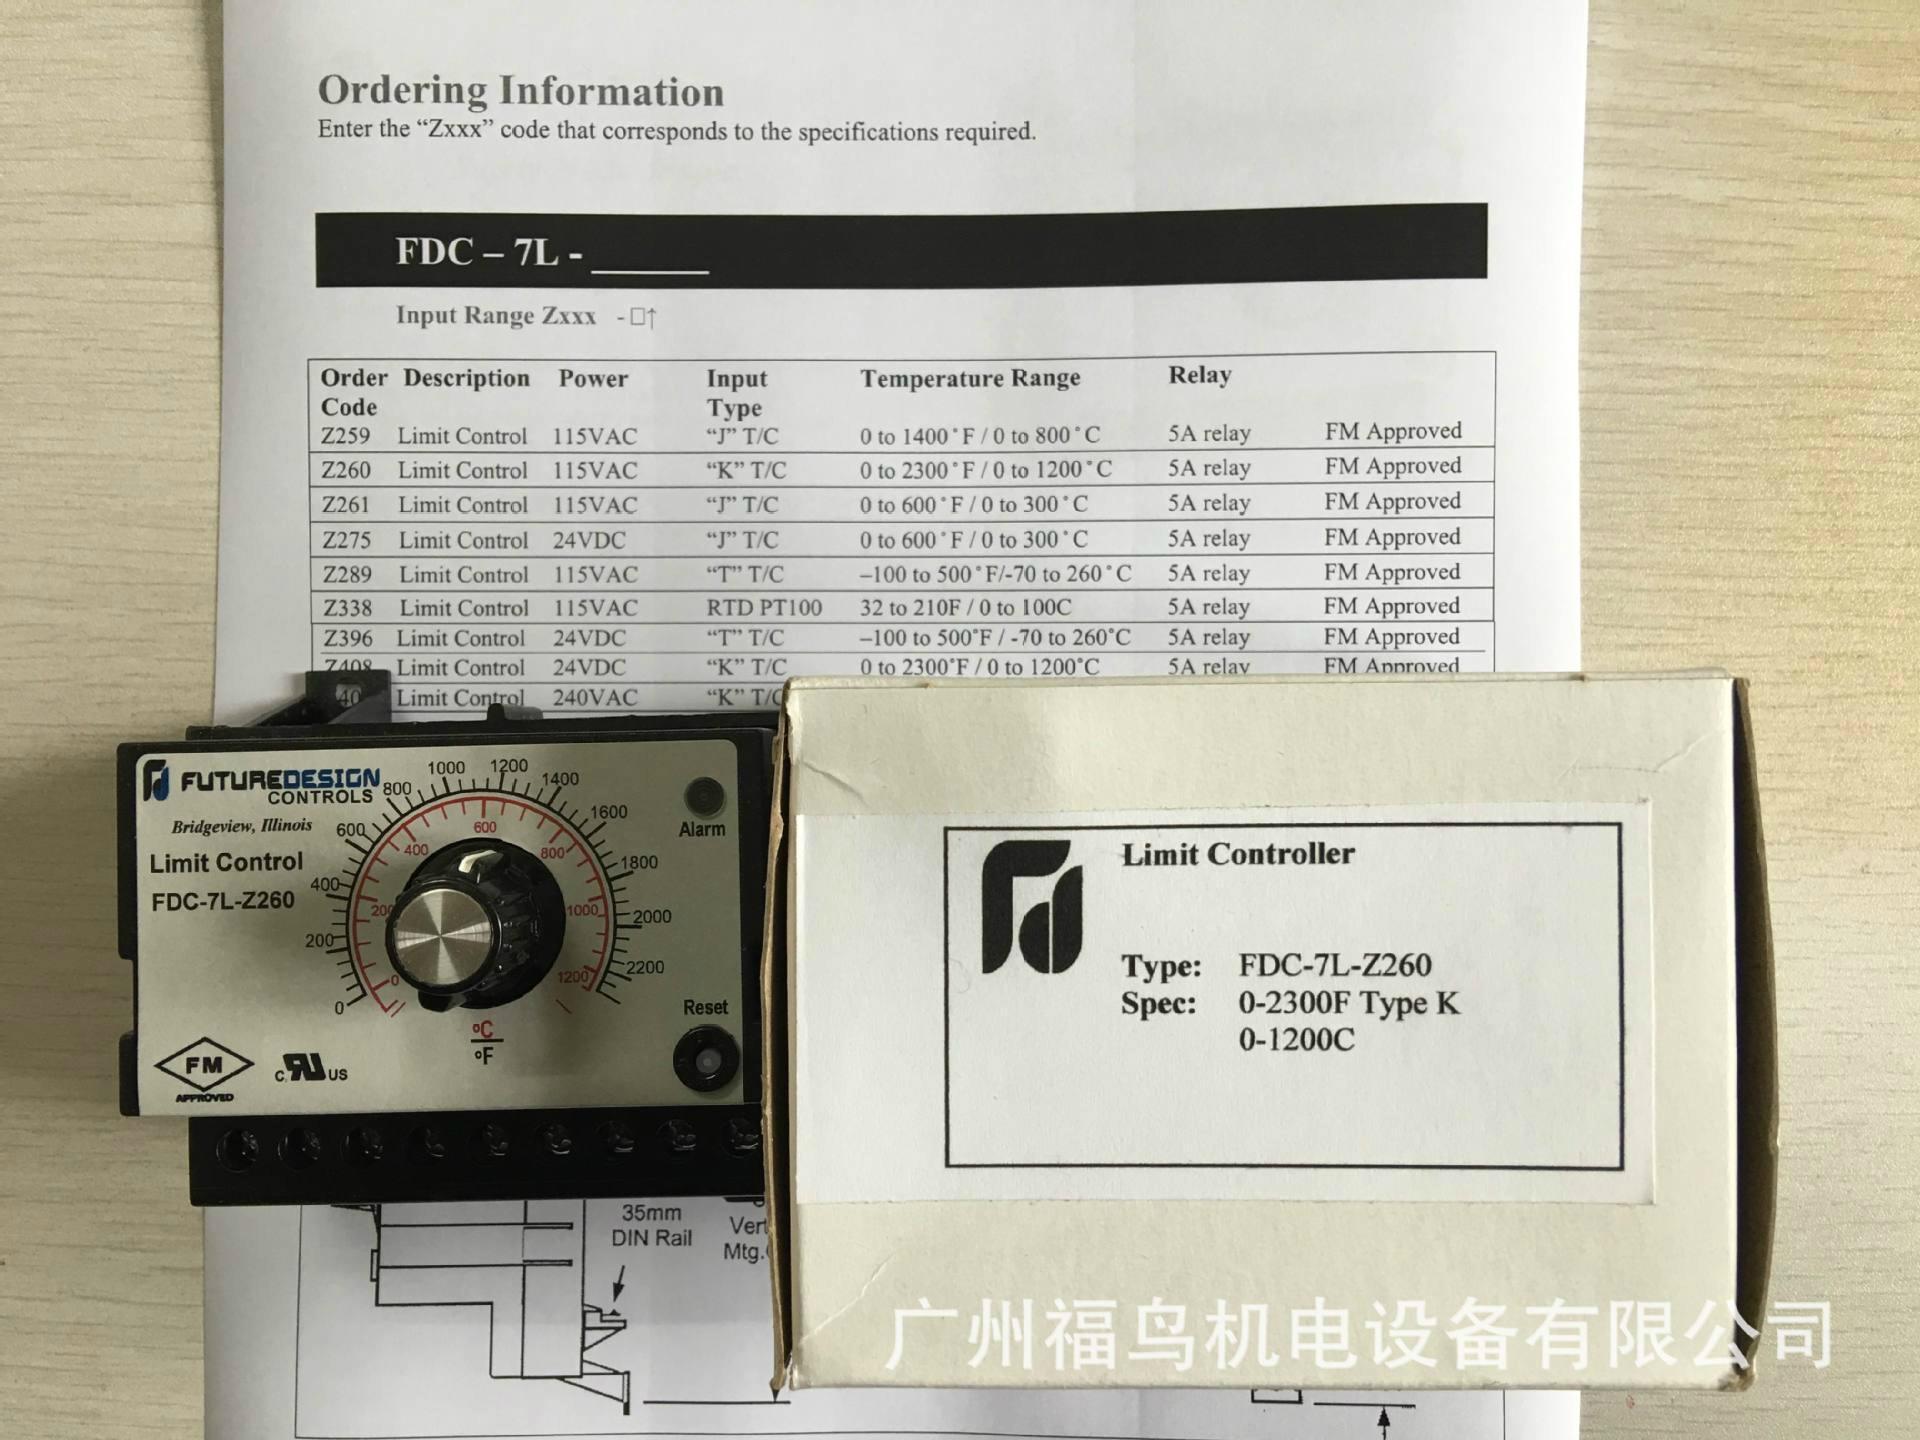 FUTURE DESIGN温度控制模块, 型号: FDC-7L-Z260